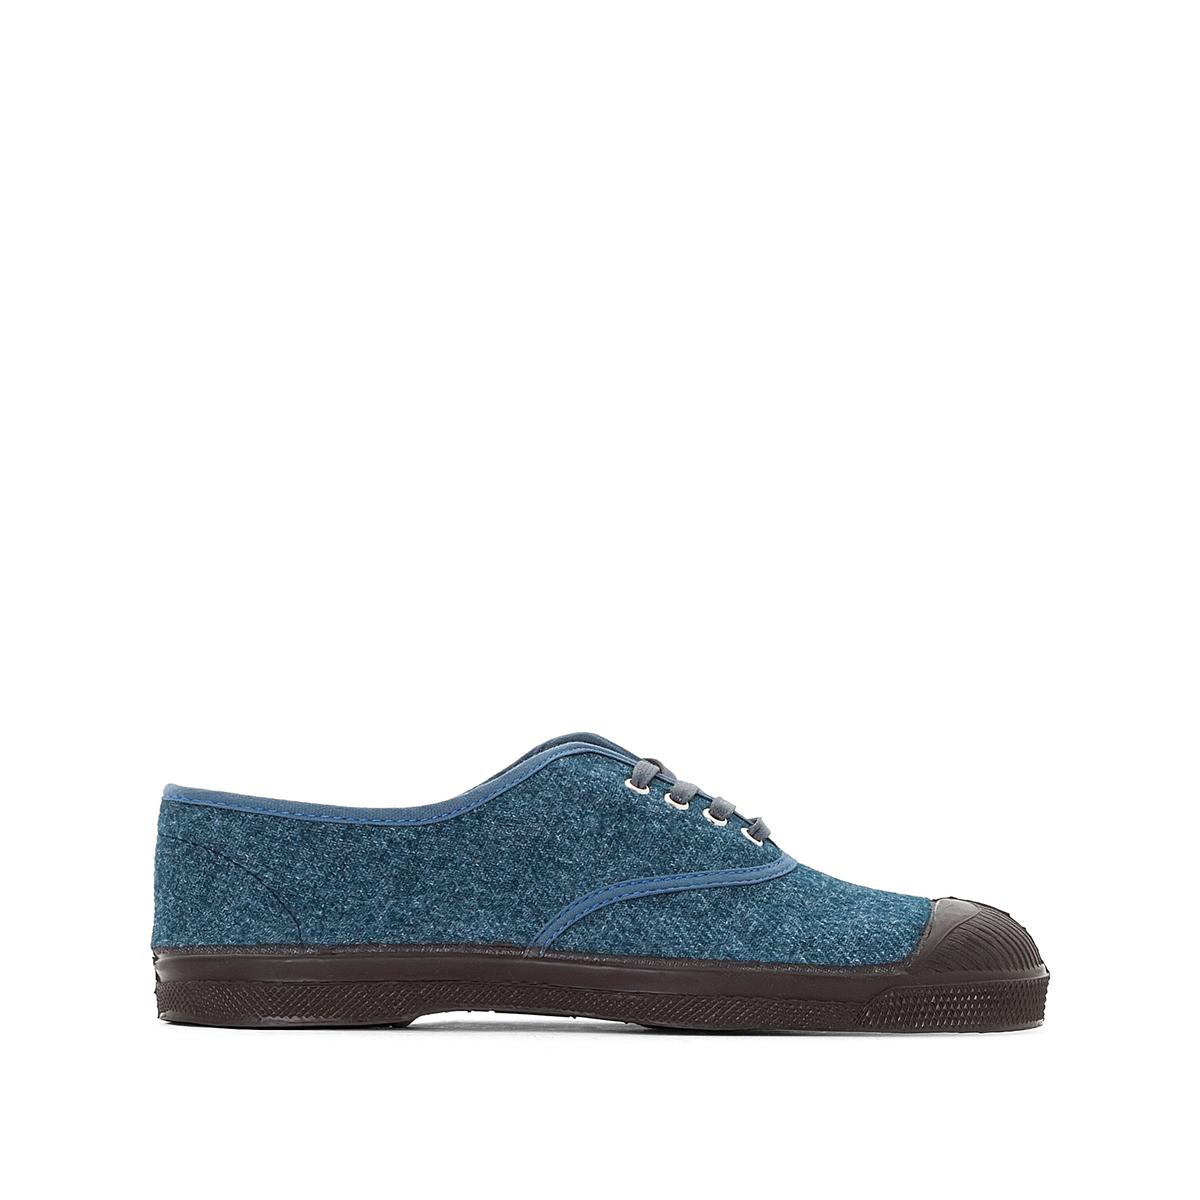 Кеды Wool VintageОписание:Детали  •  Спортивный стиль •  Плоский каблук •  Застежка : шнуровка.Состав и уход  • Верх/Голенище 100% шерсть    •  Подкладка 100% текстиль •  Подошва 100% каучук<br><br>Цвет: синий